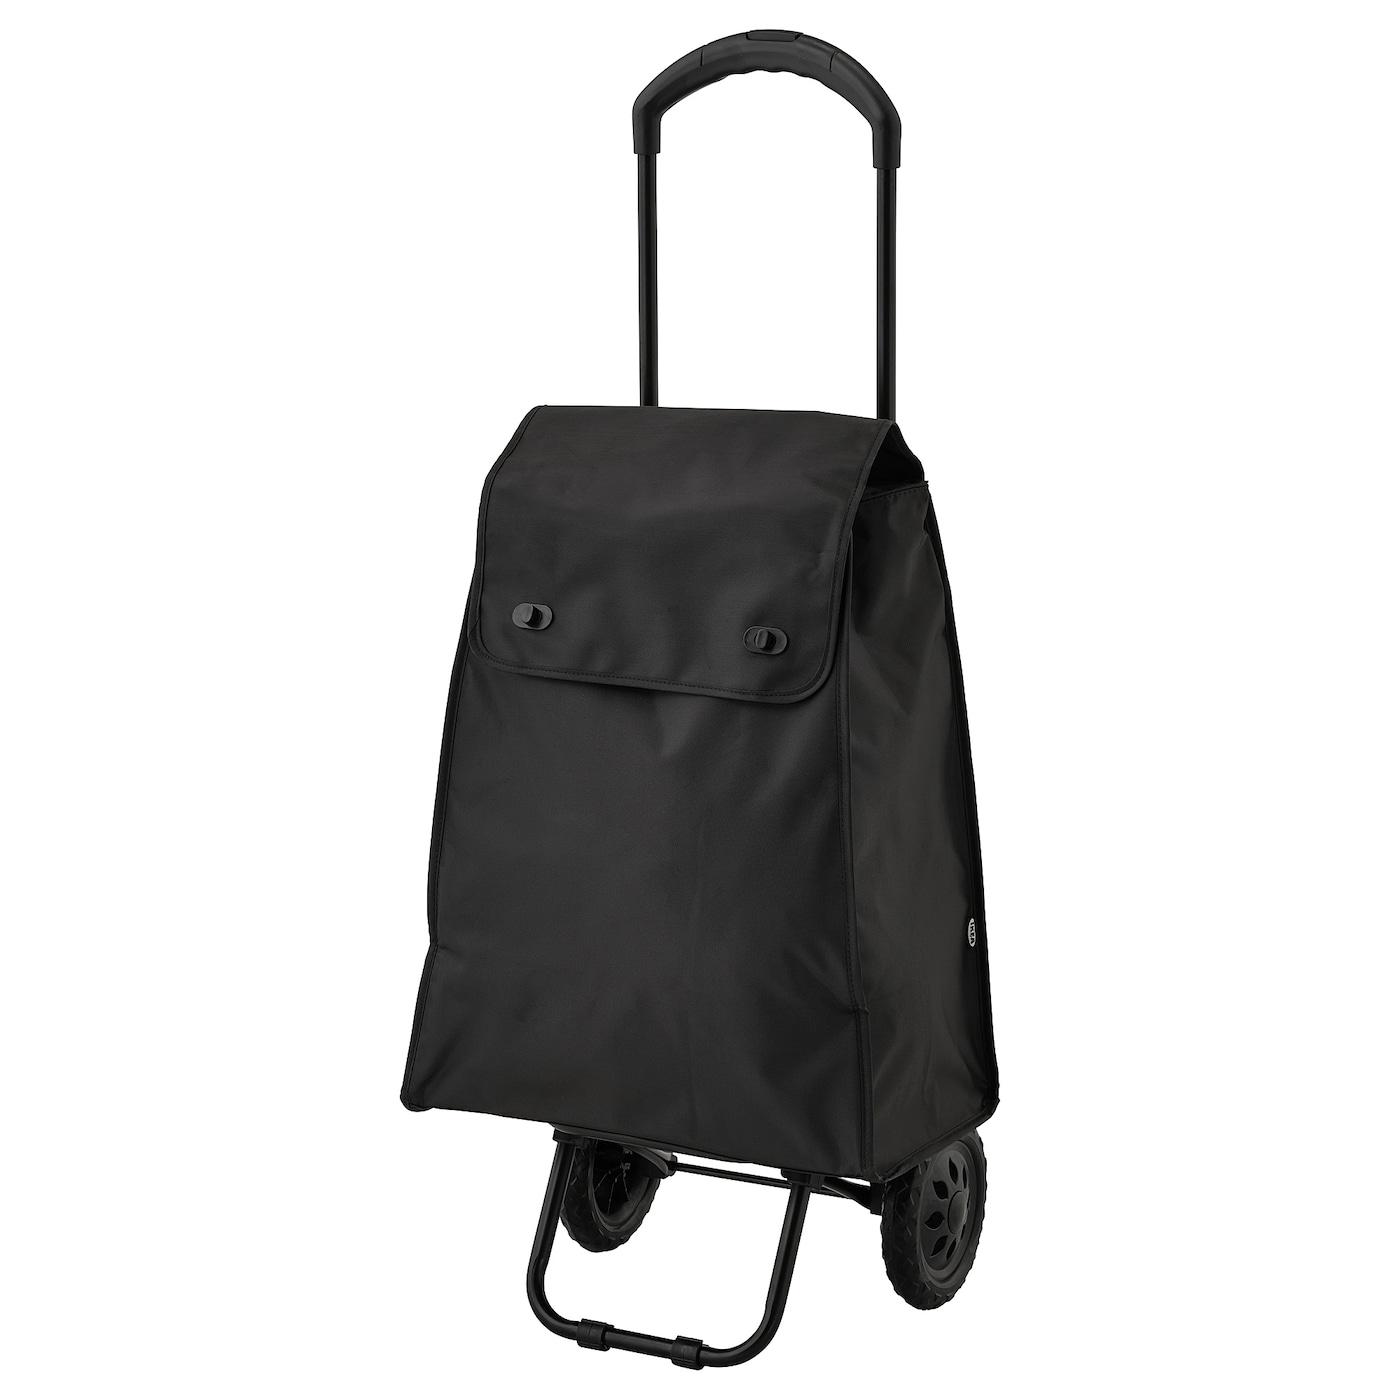 KNALLA Shoppingväska på hjul svart